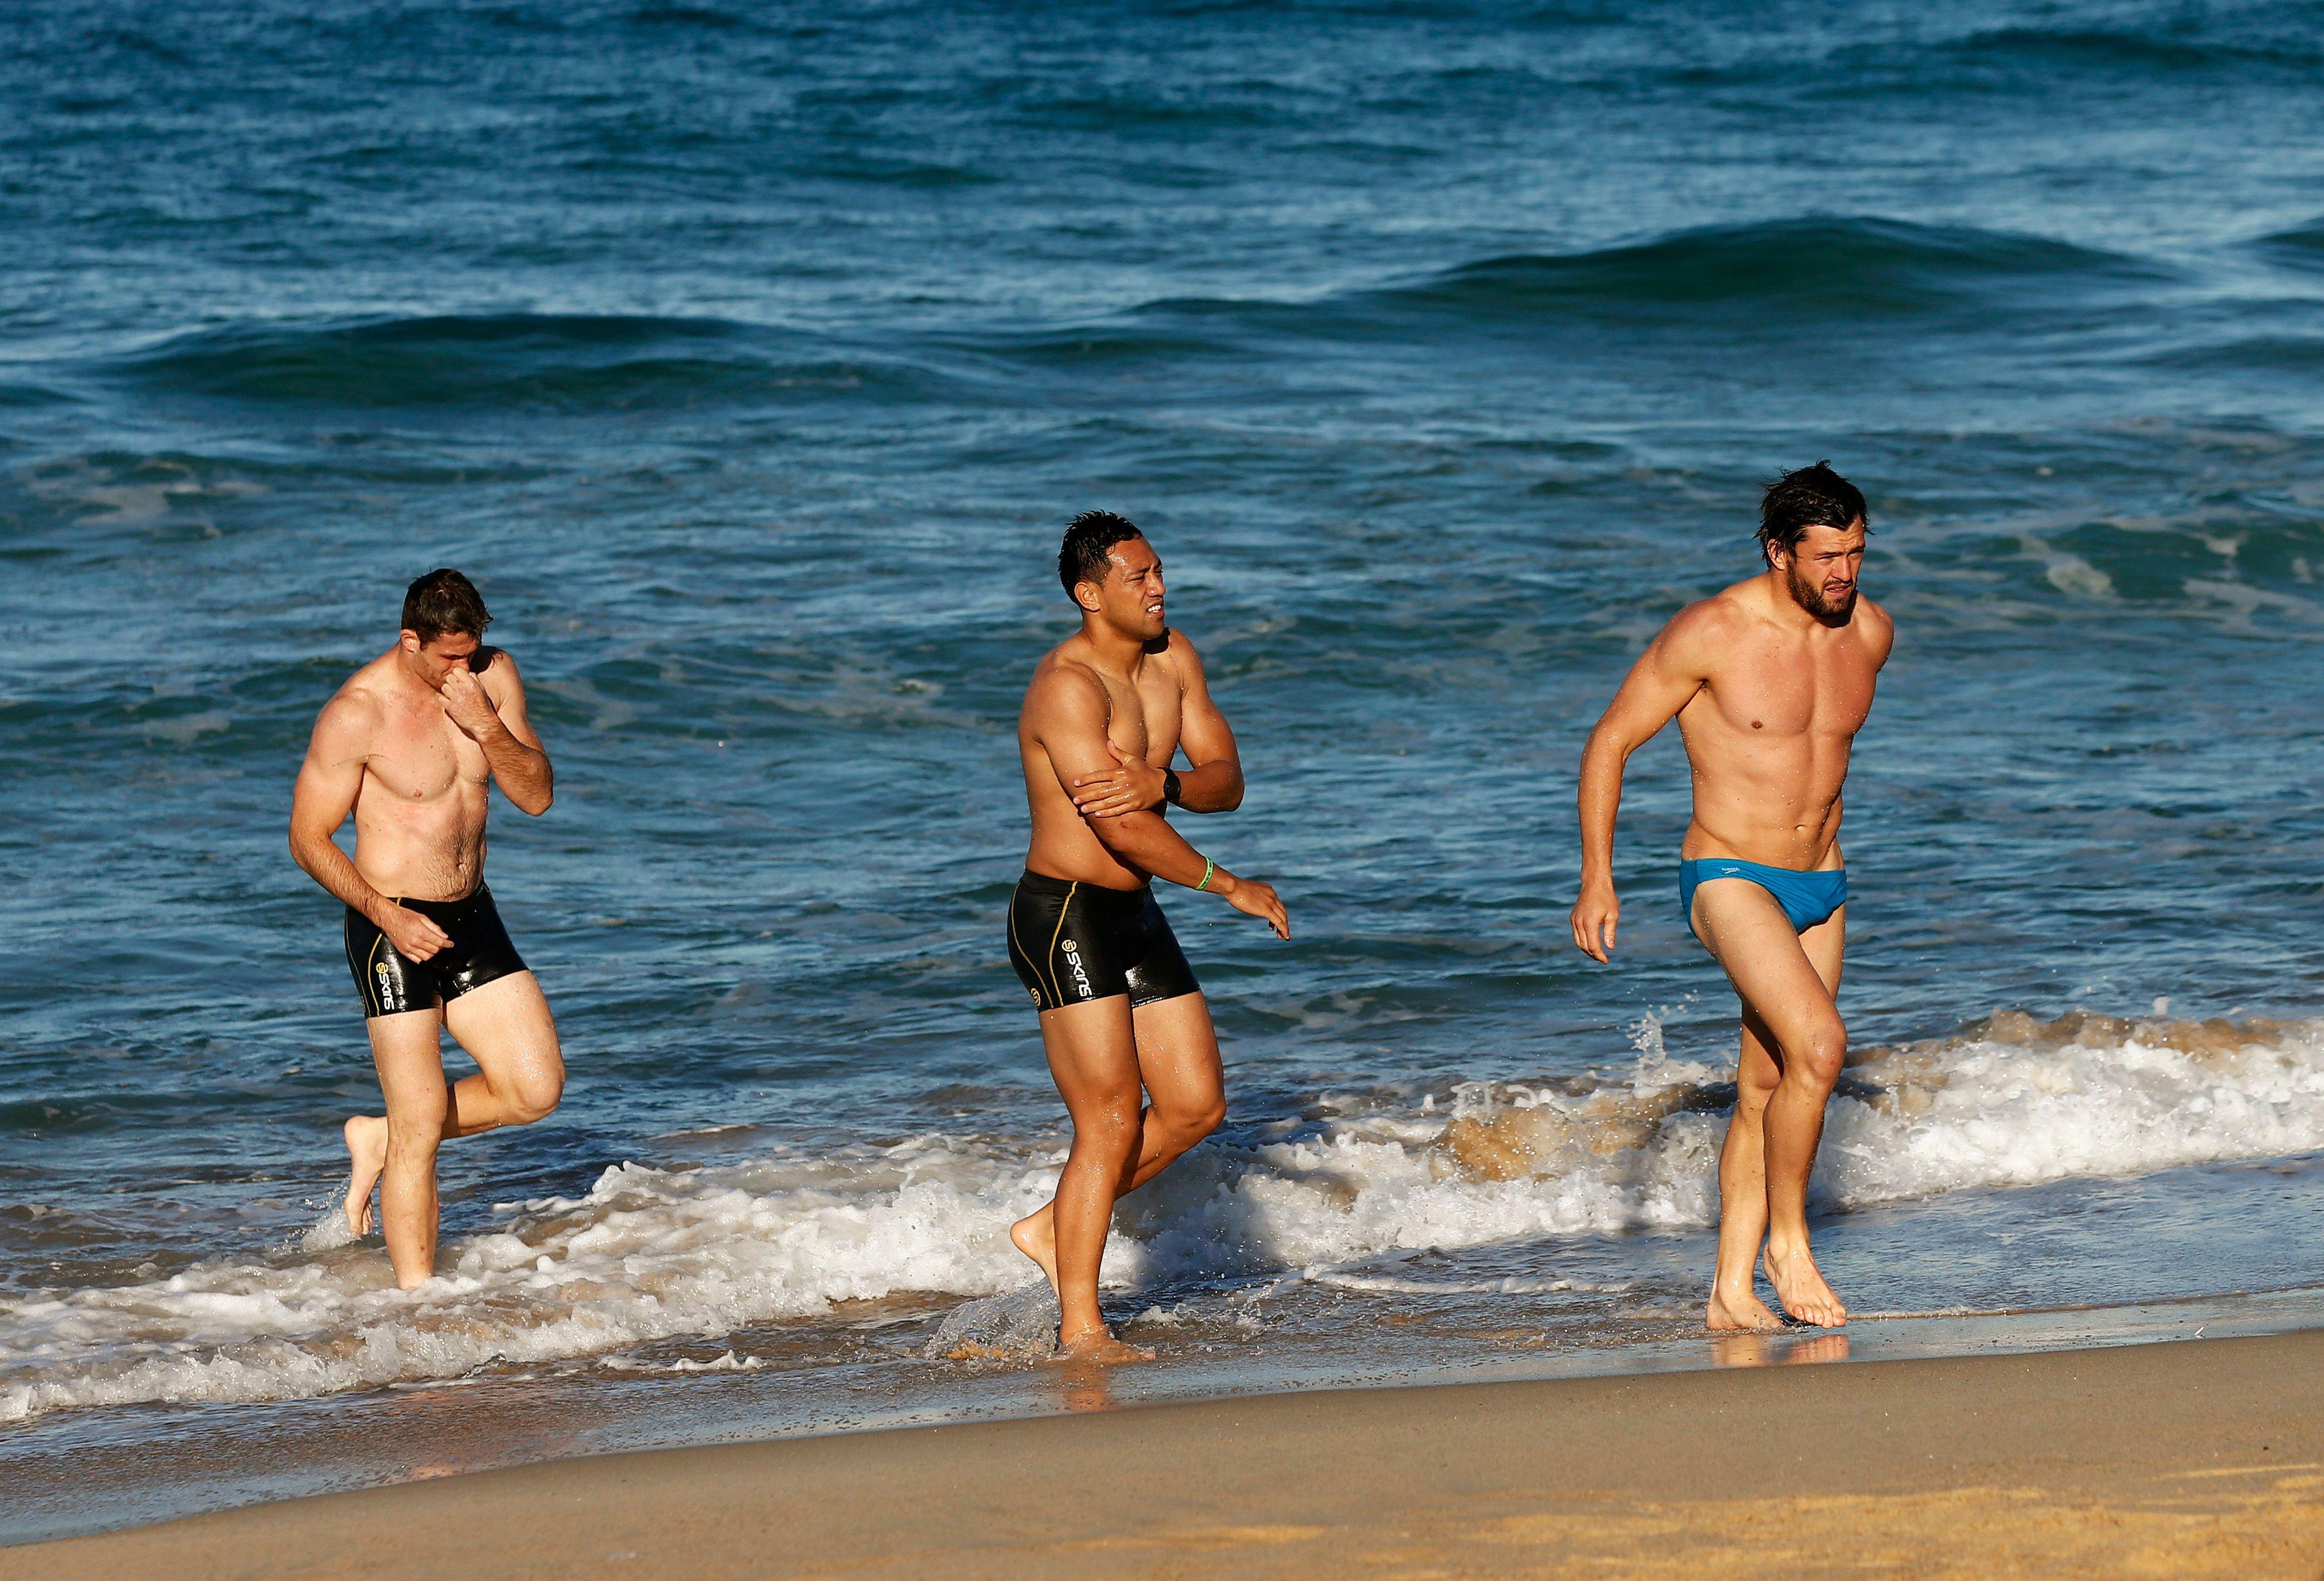 Culte du corps, bikini, bronzage : la plage vous impose ses codes qui forcent à rentrer dans un moule prédéfin